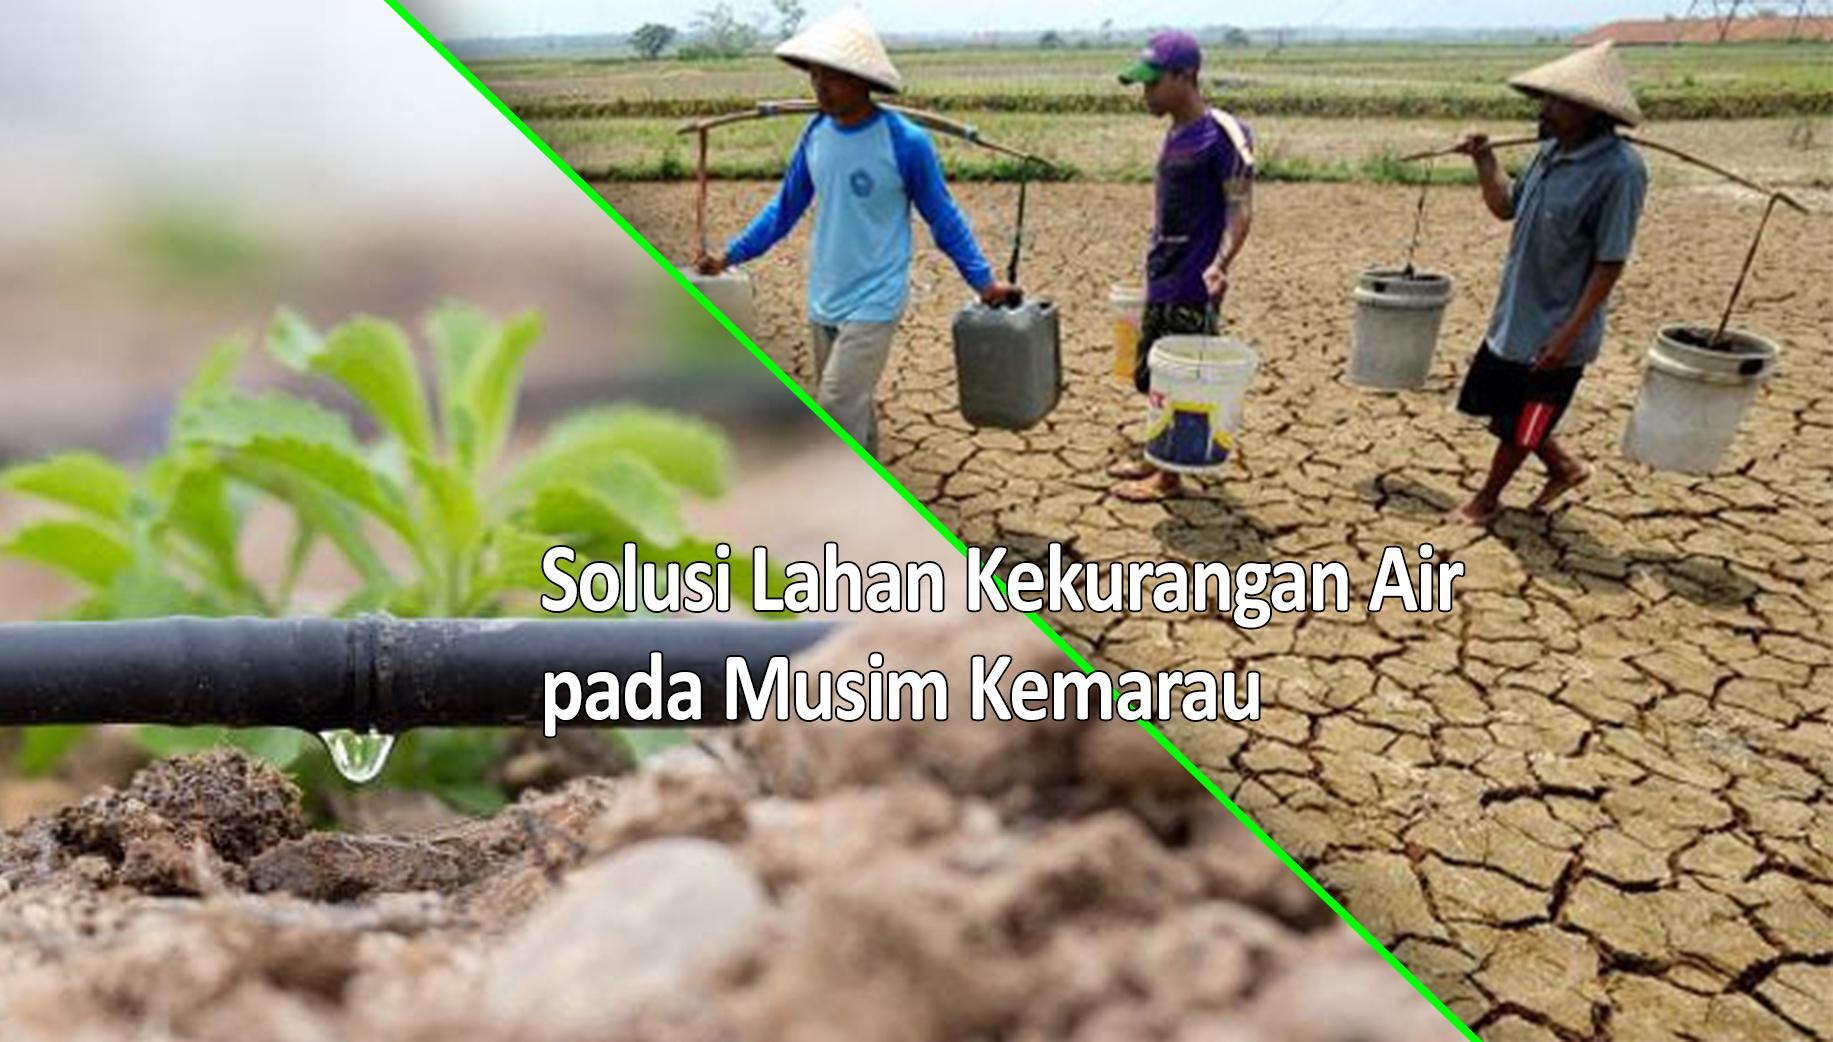 Solusi Kekurangan Air pada Musim Kemarau